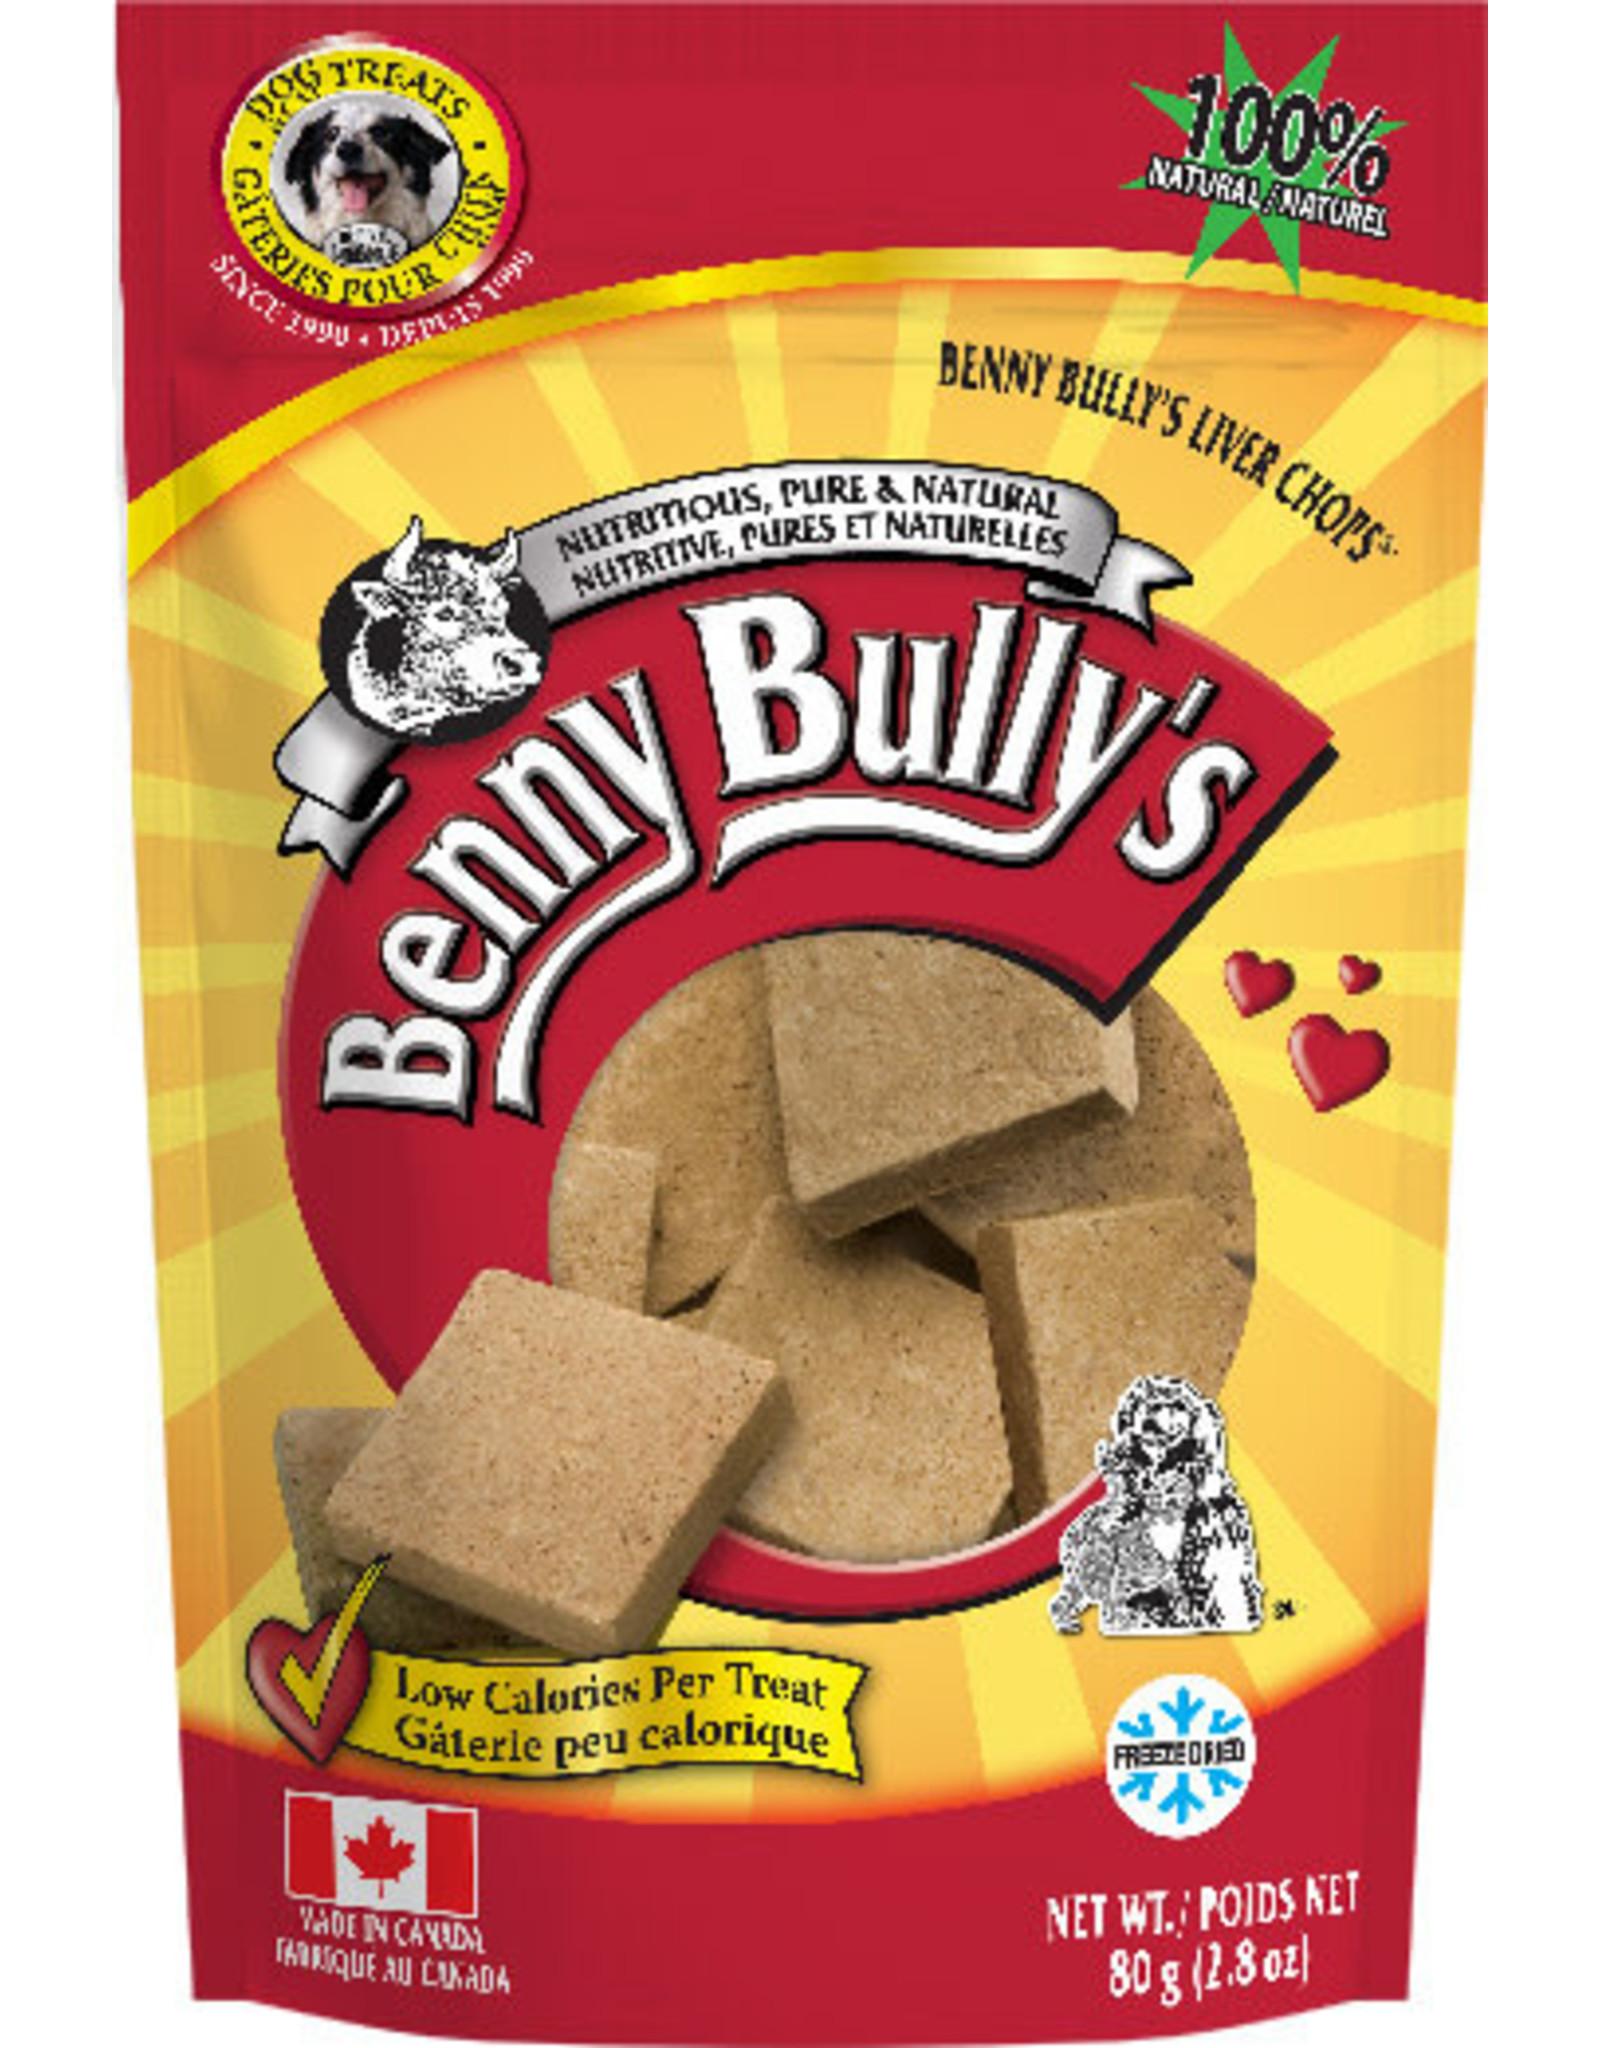 Benny Bully's Benny Bully Liver Chops